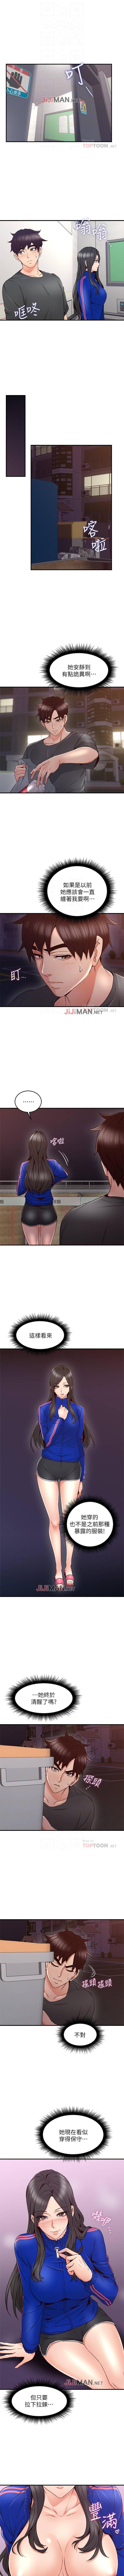 【周六更新】邻居人妻(作者:李周元 & 頸枕) 第1~50话 176